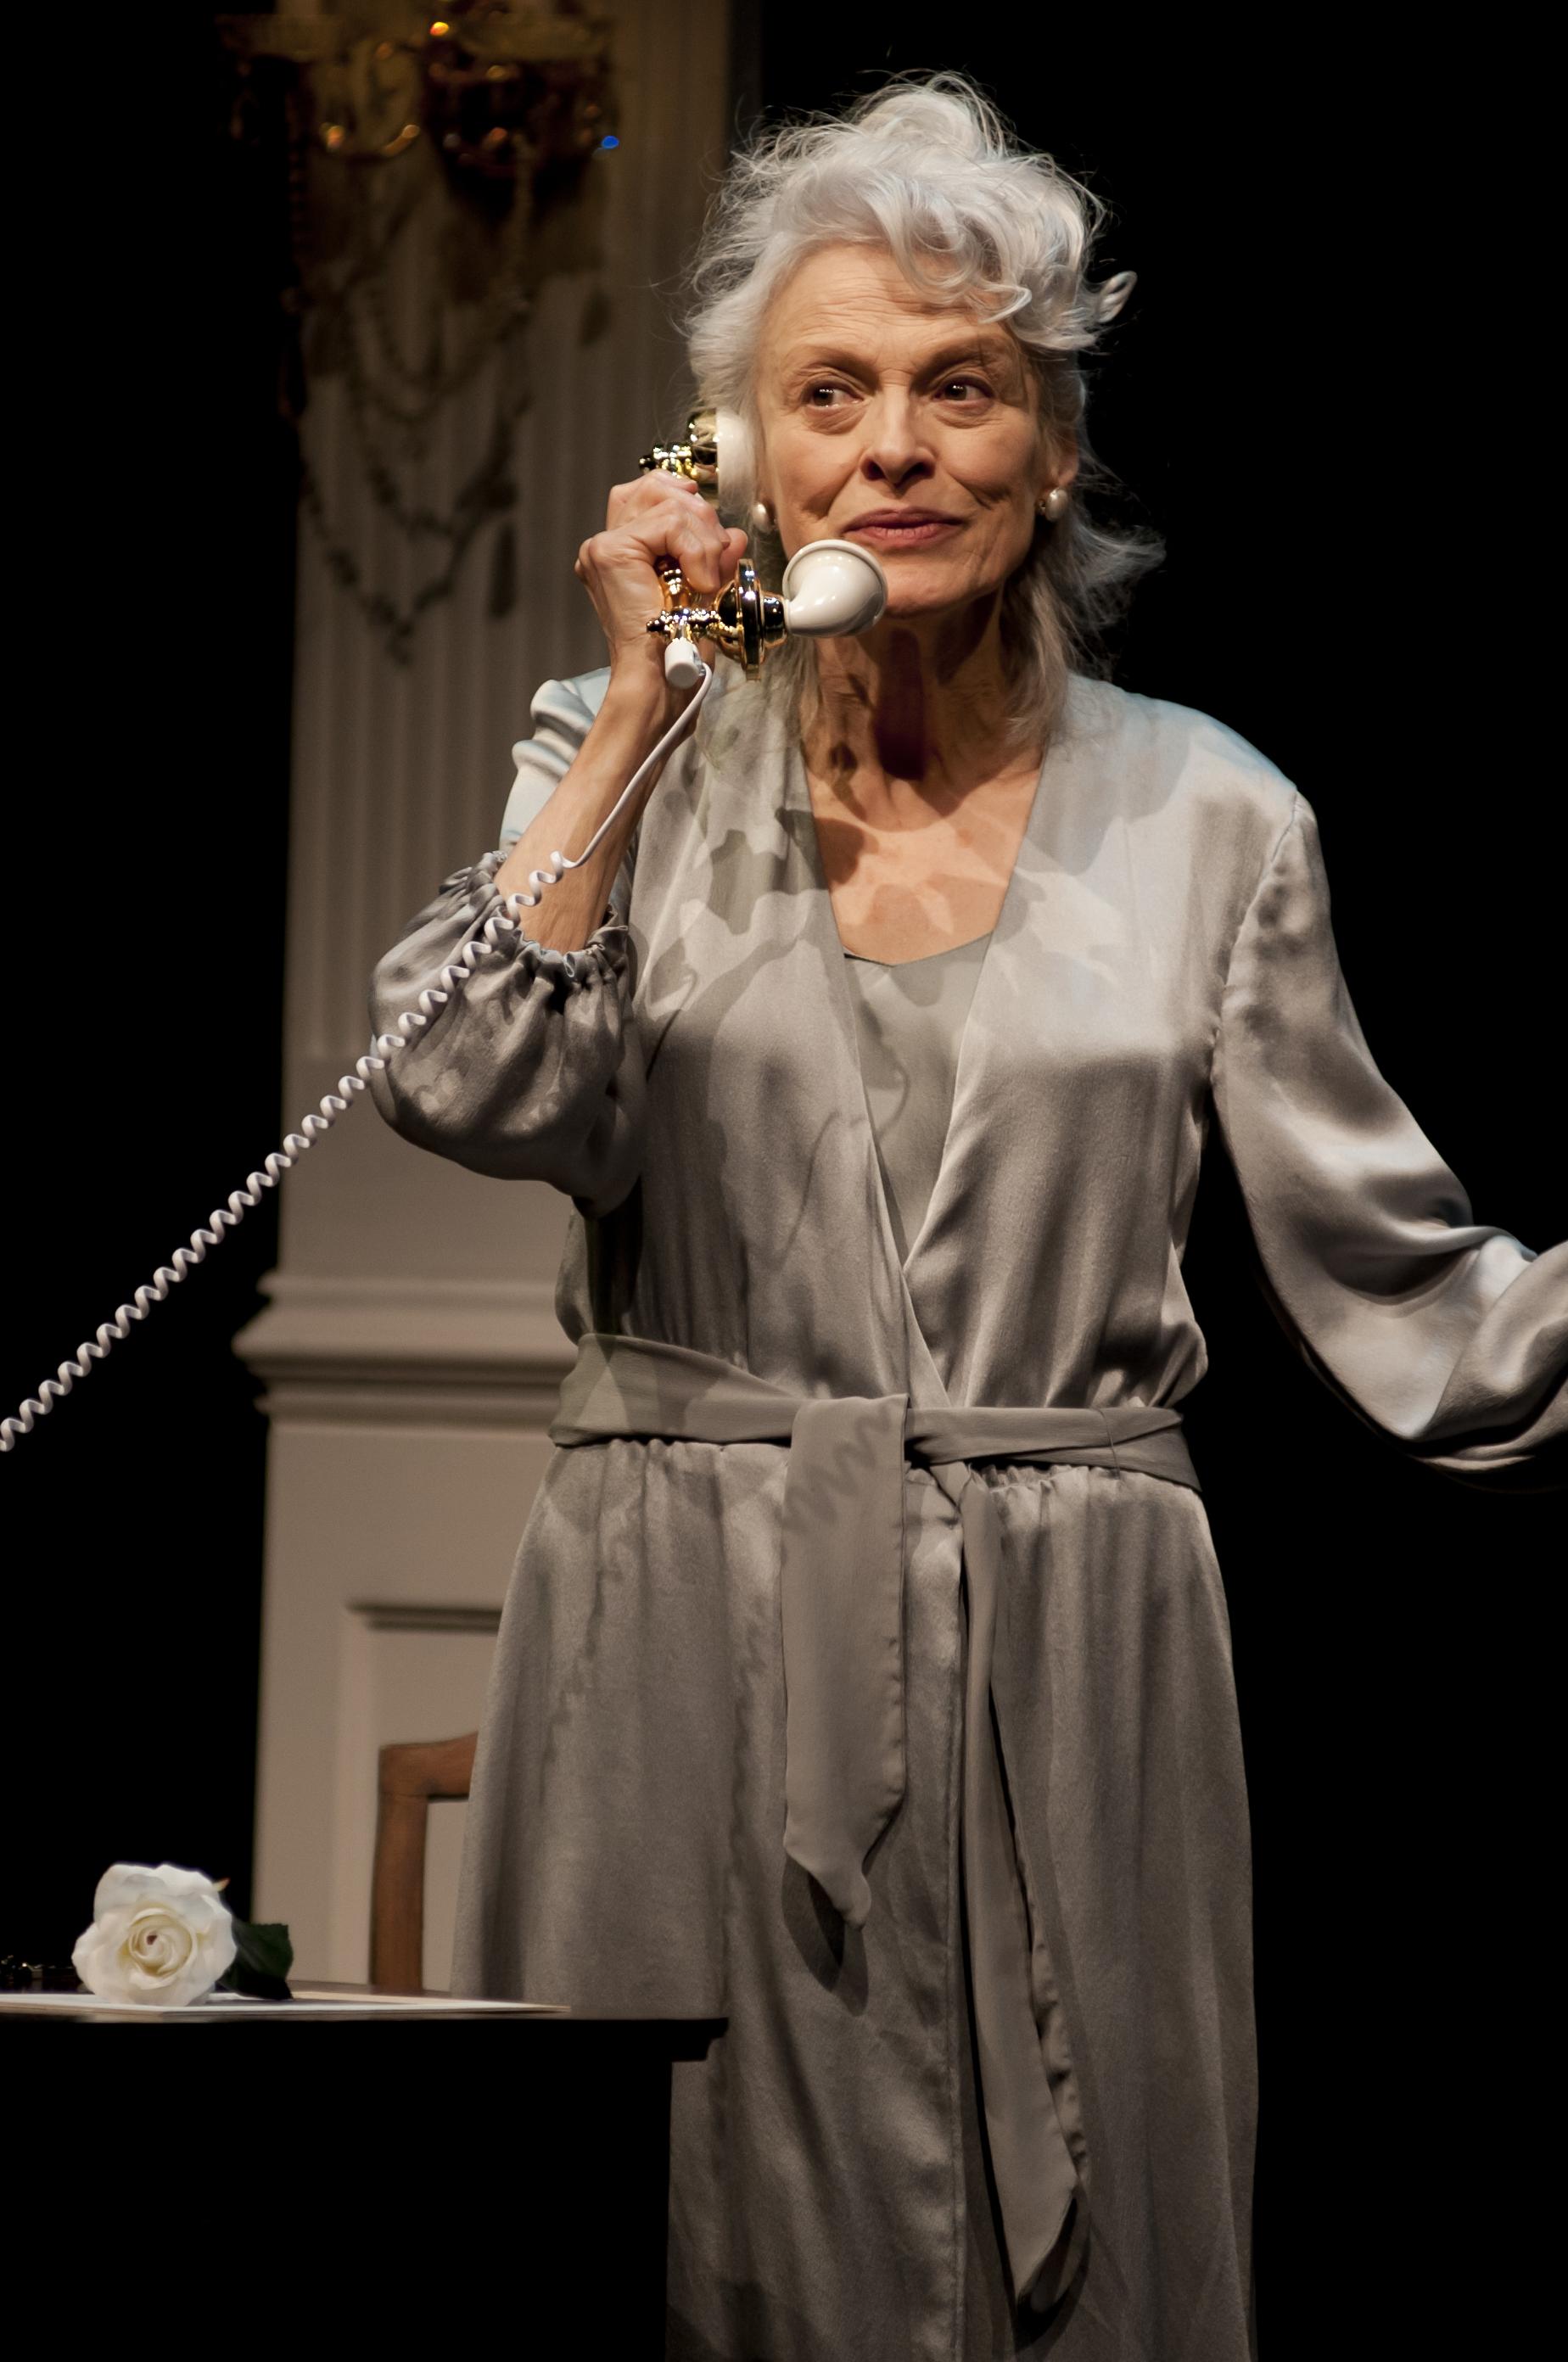 Judith Roberts (actress)